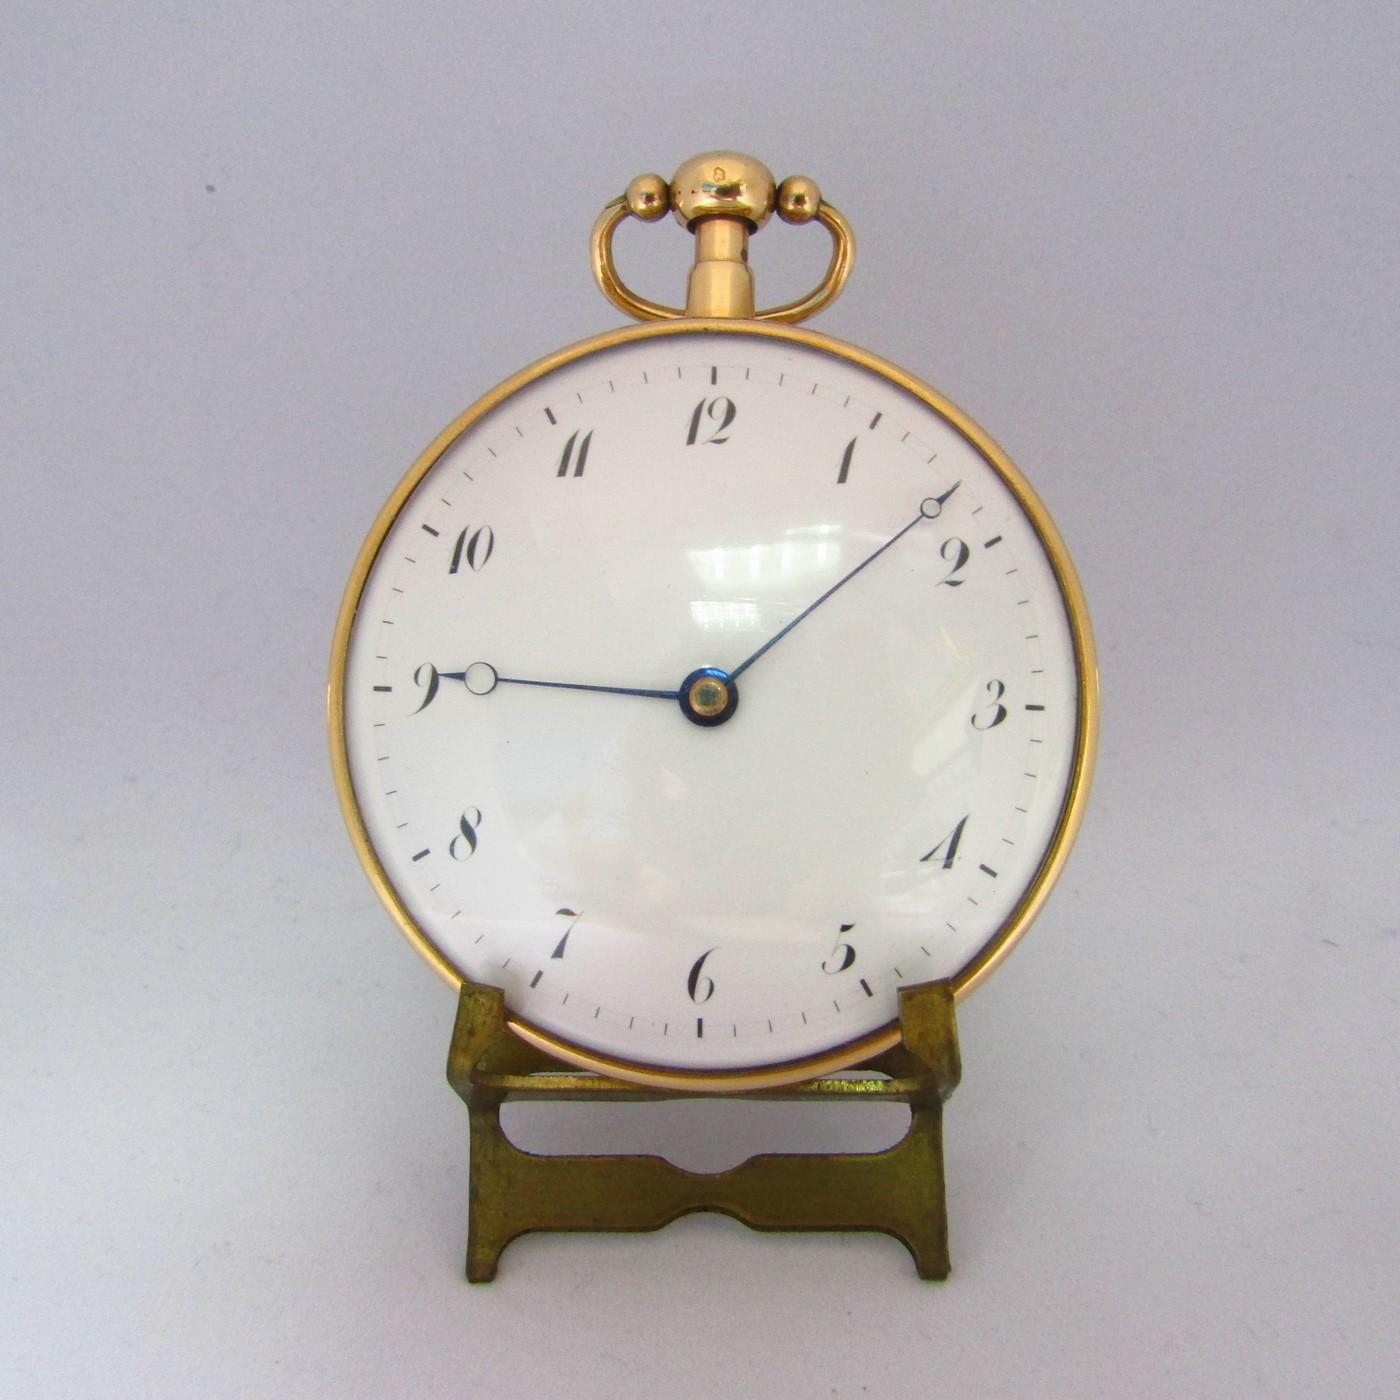 Reloj francés de Bolsillo para caballero, lepine, repetición horas y cuartos. Oro 18k. Ca. 1800.